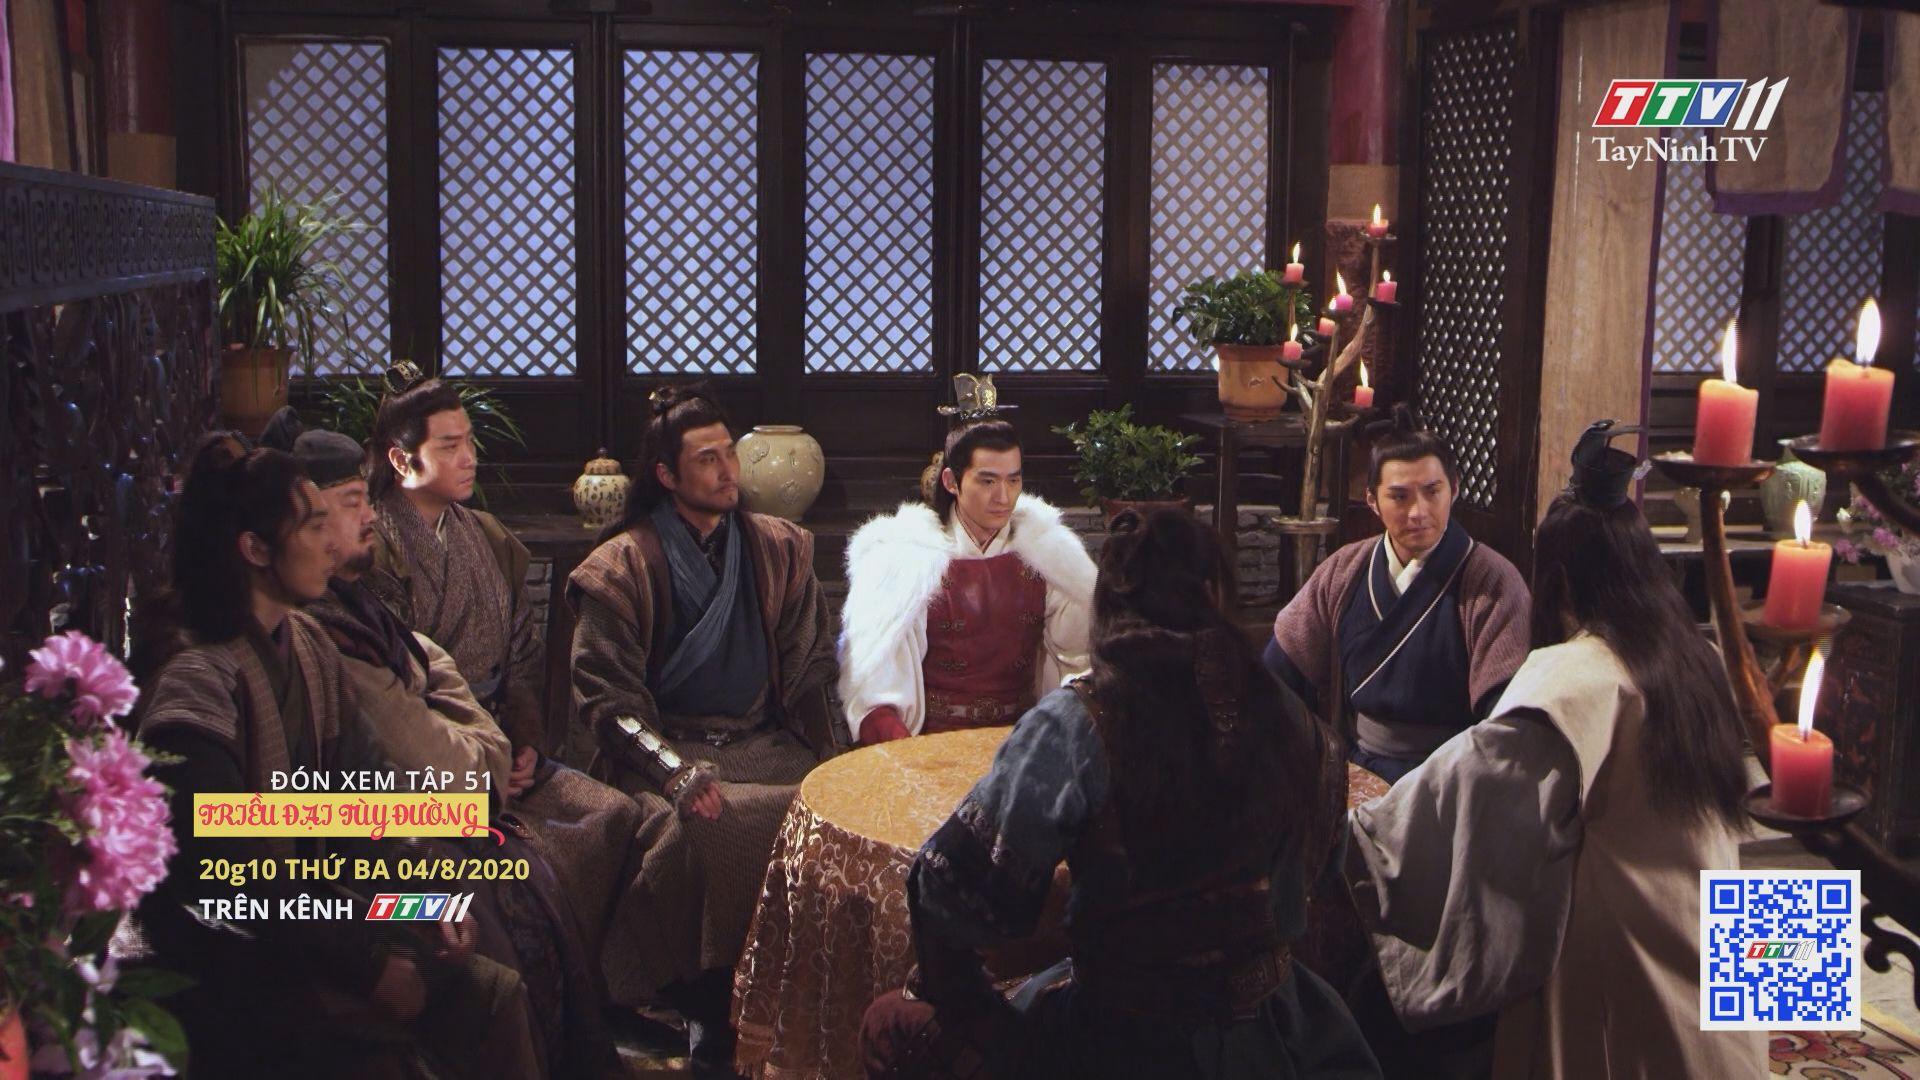 Triều đại Tùy Đường - TẬP 51 trailer | TRIỀU ĐẠI TÙY ĐƯỜNG | TayNinhTV